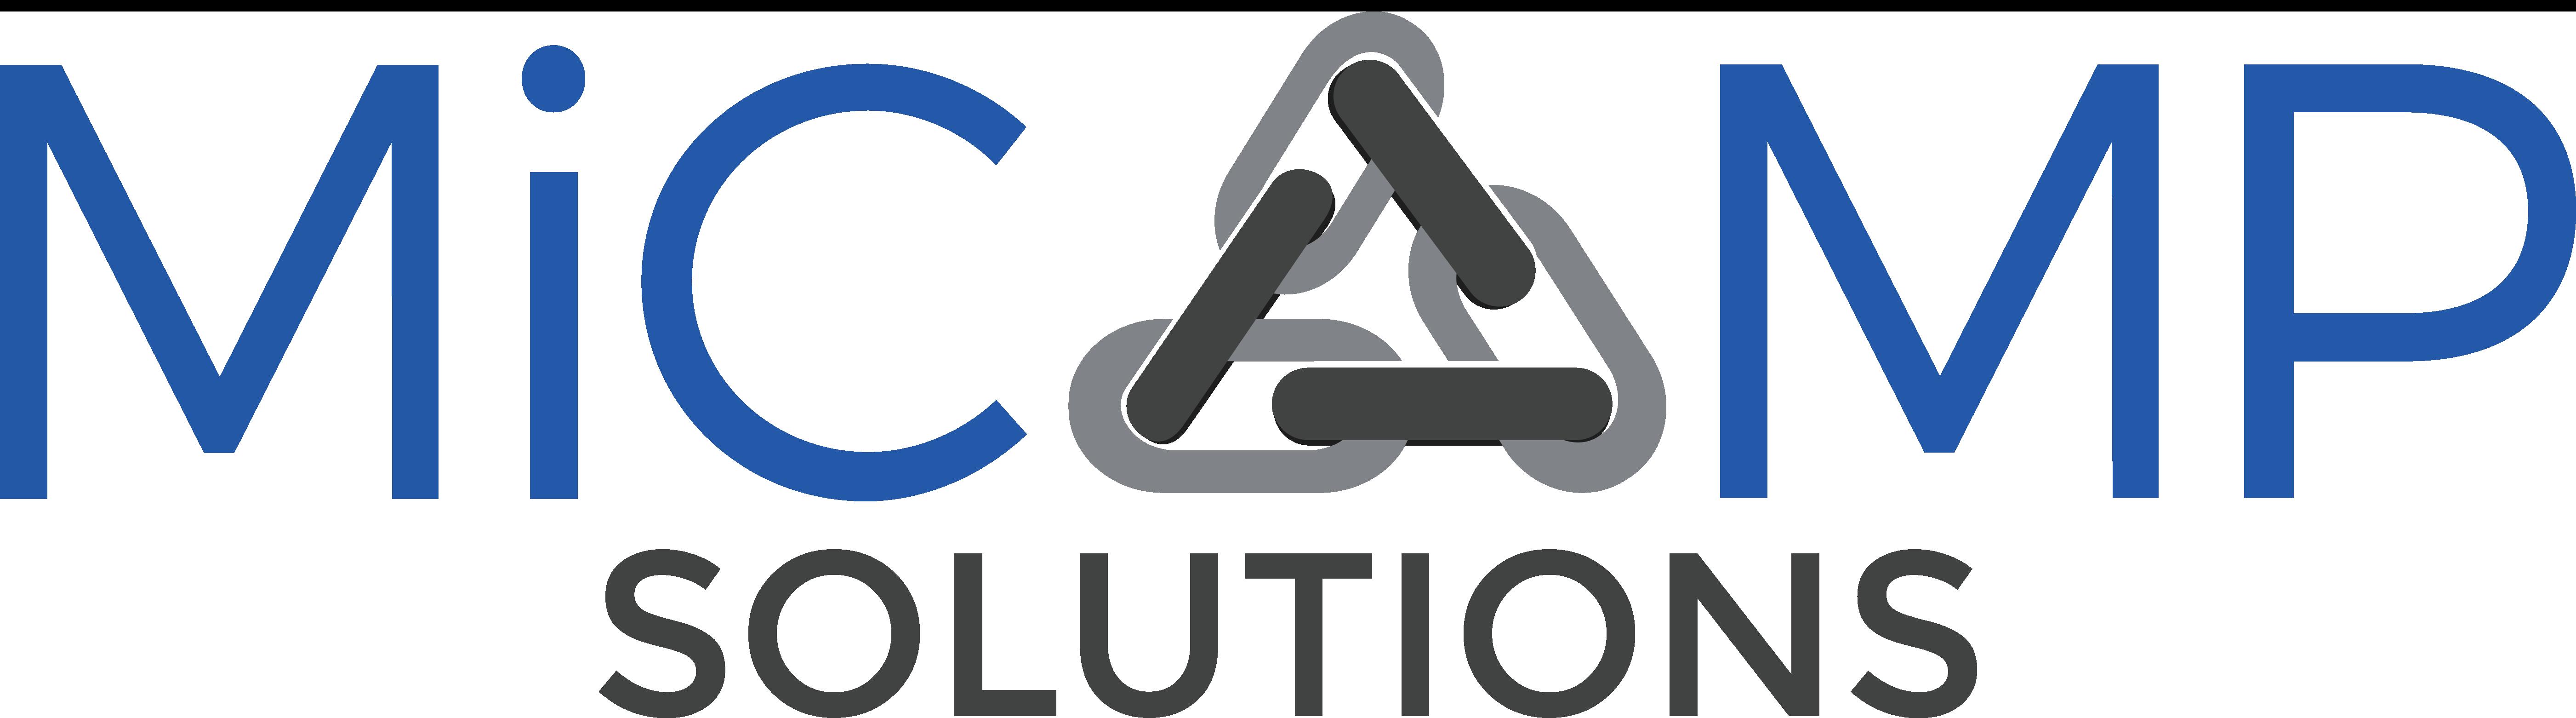 MiCamp Solutions LLC